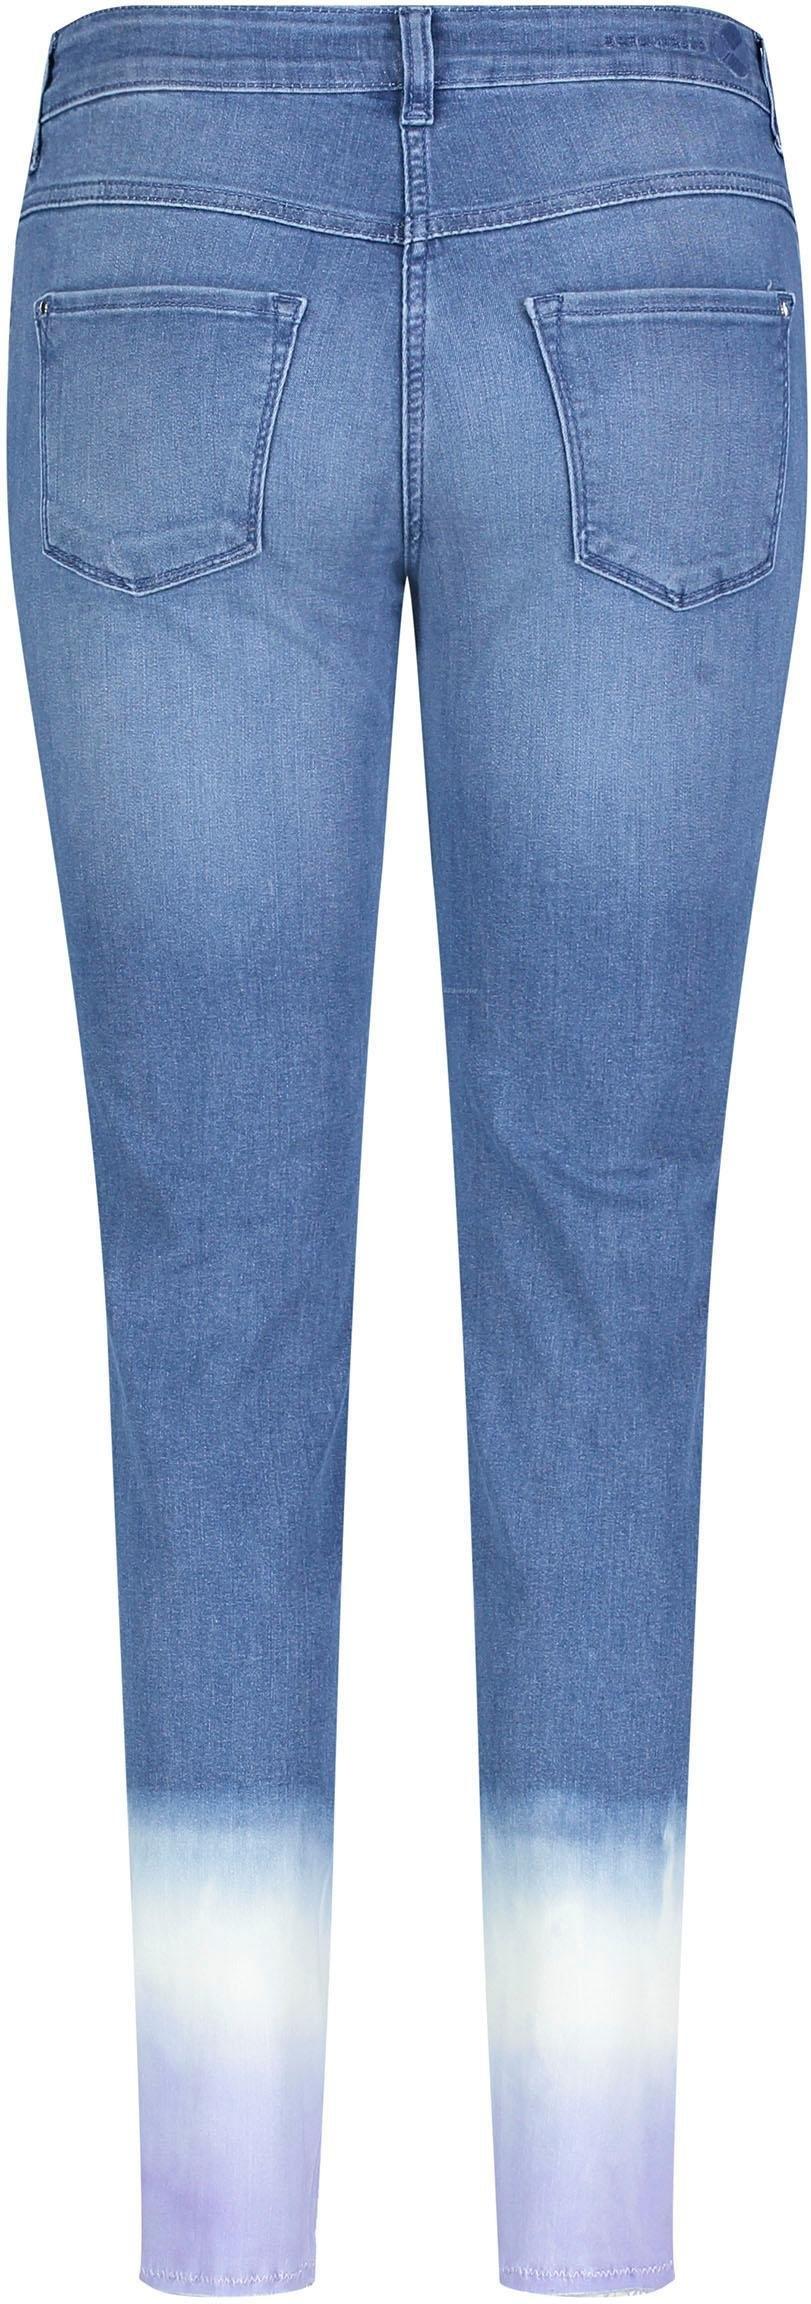 MAC 7/8 jeans »Dream Skinny Finges« nu online kopen bij OTTO